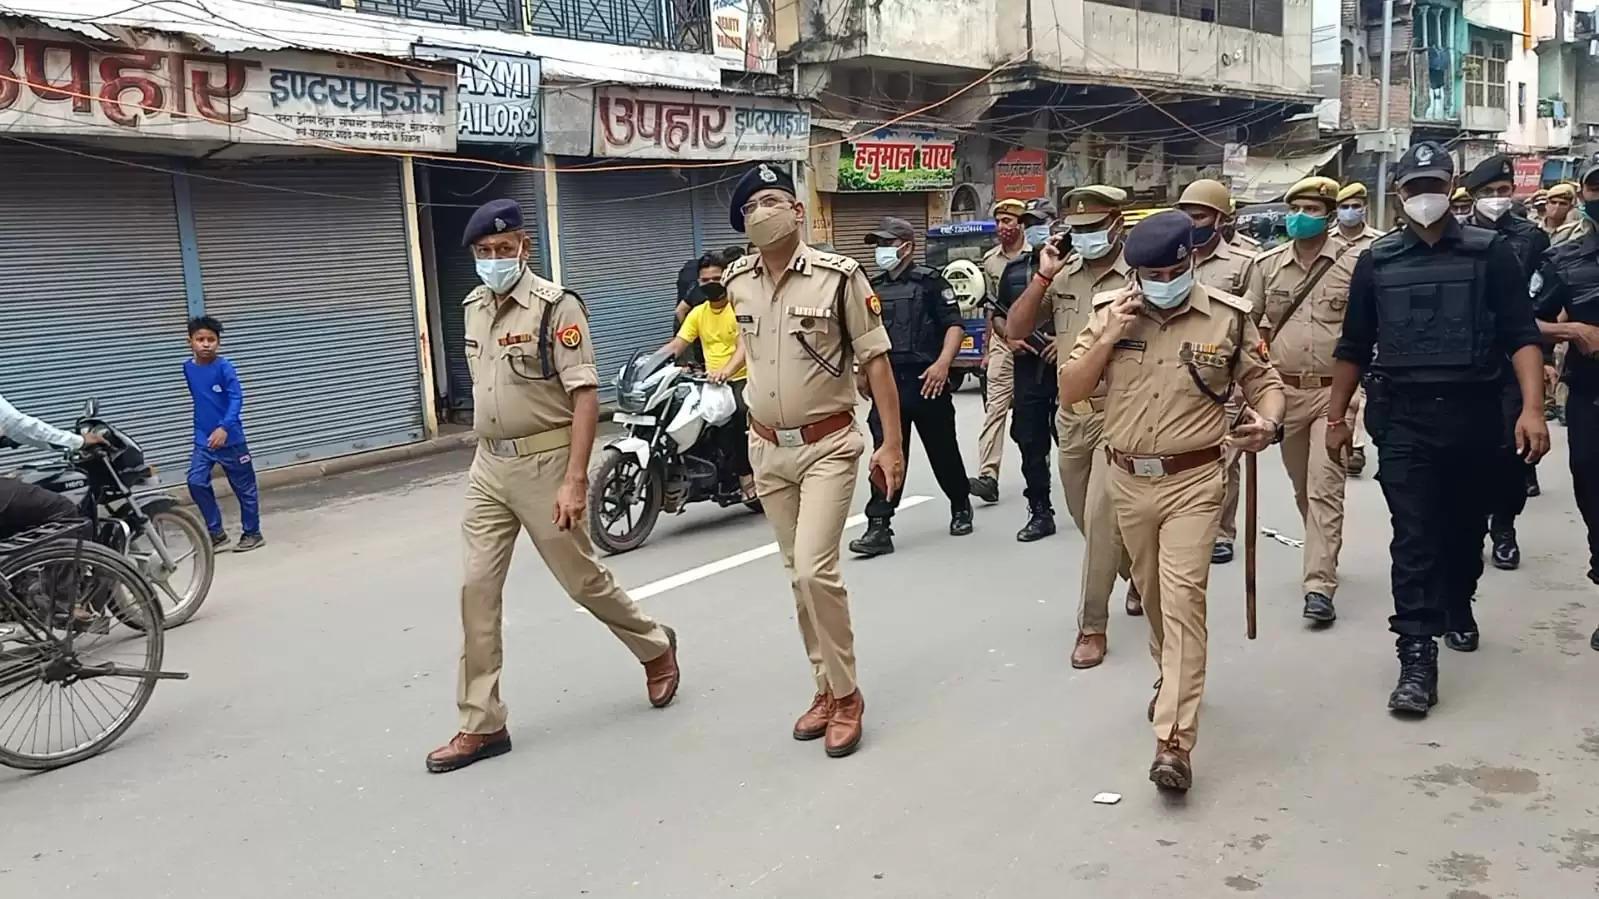 पुलिस कमिश्नर ने मातहतों संग मुस्लिम बाहुल क्षेत्रों में किया पैदल गश्त, लिया सुरक्षा व्यवस्था का जायजा